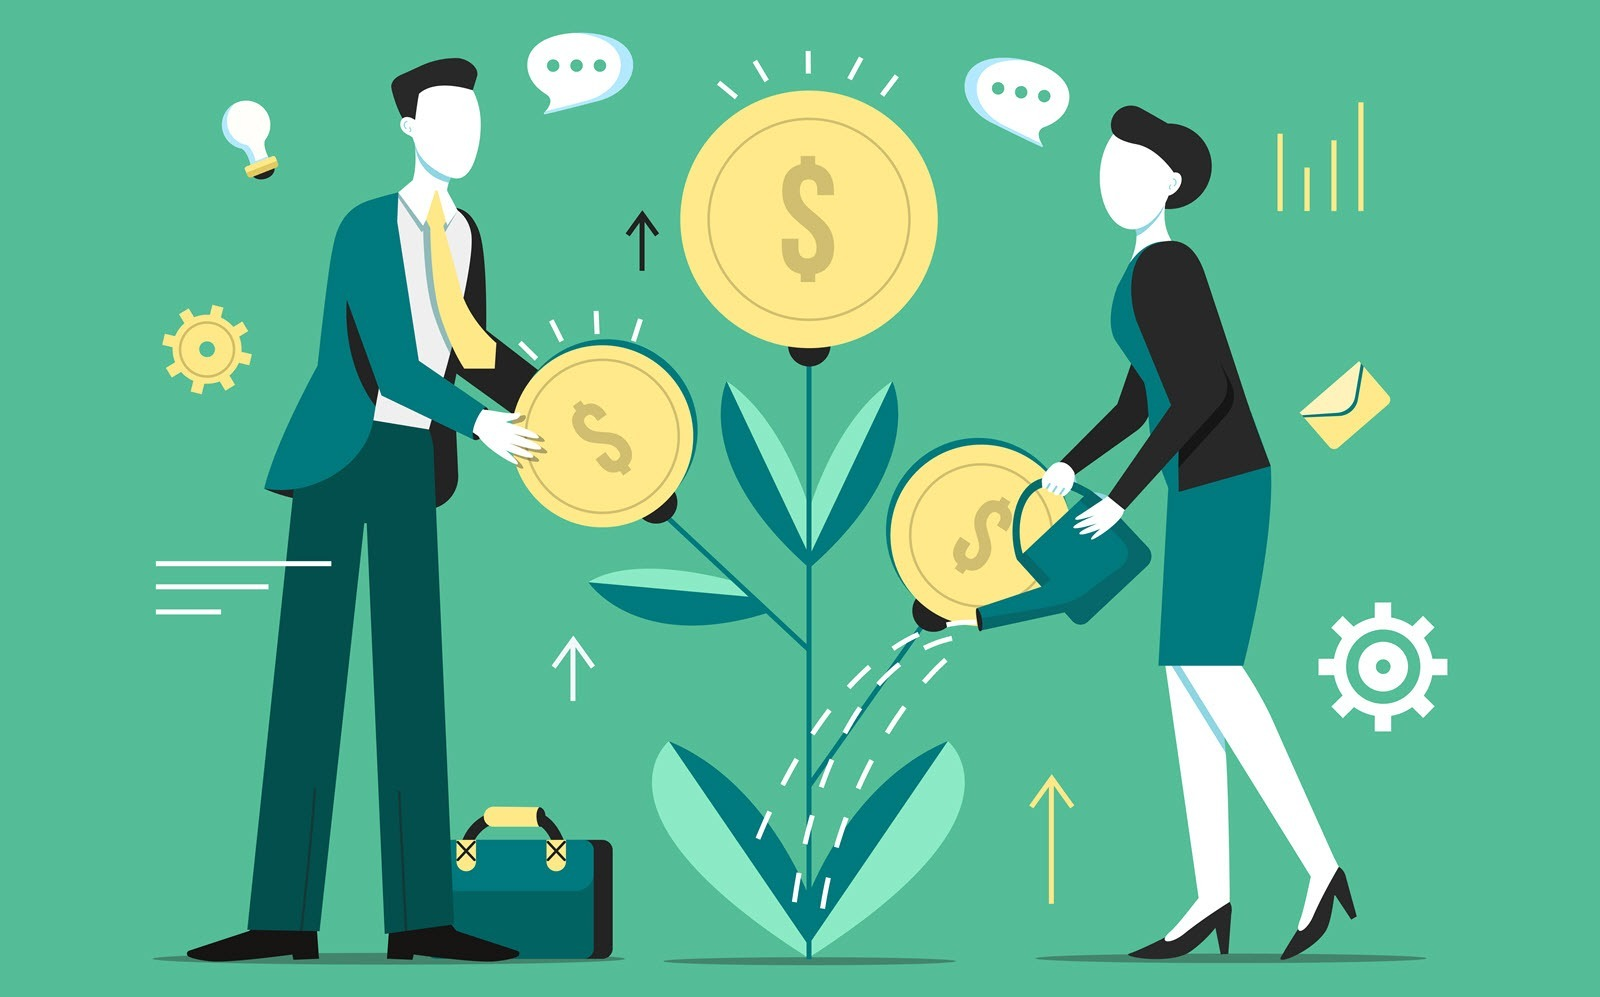 Passive Income จำเป็นต้องค่อย ๆ เติบโตเหมือนการปลูกต้นไม้